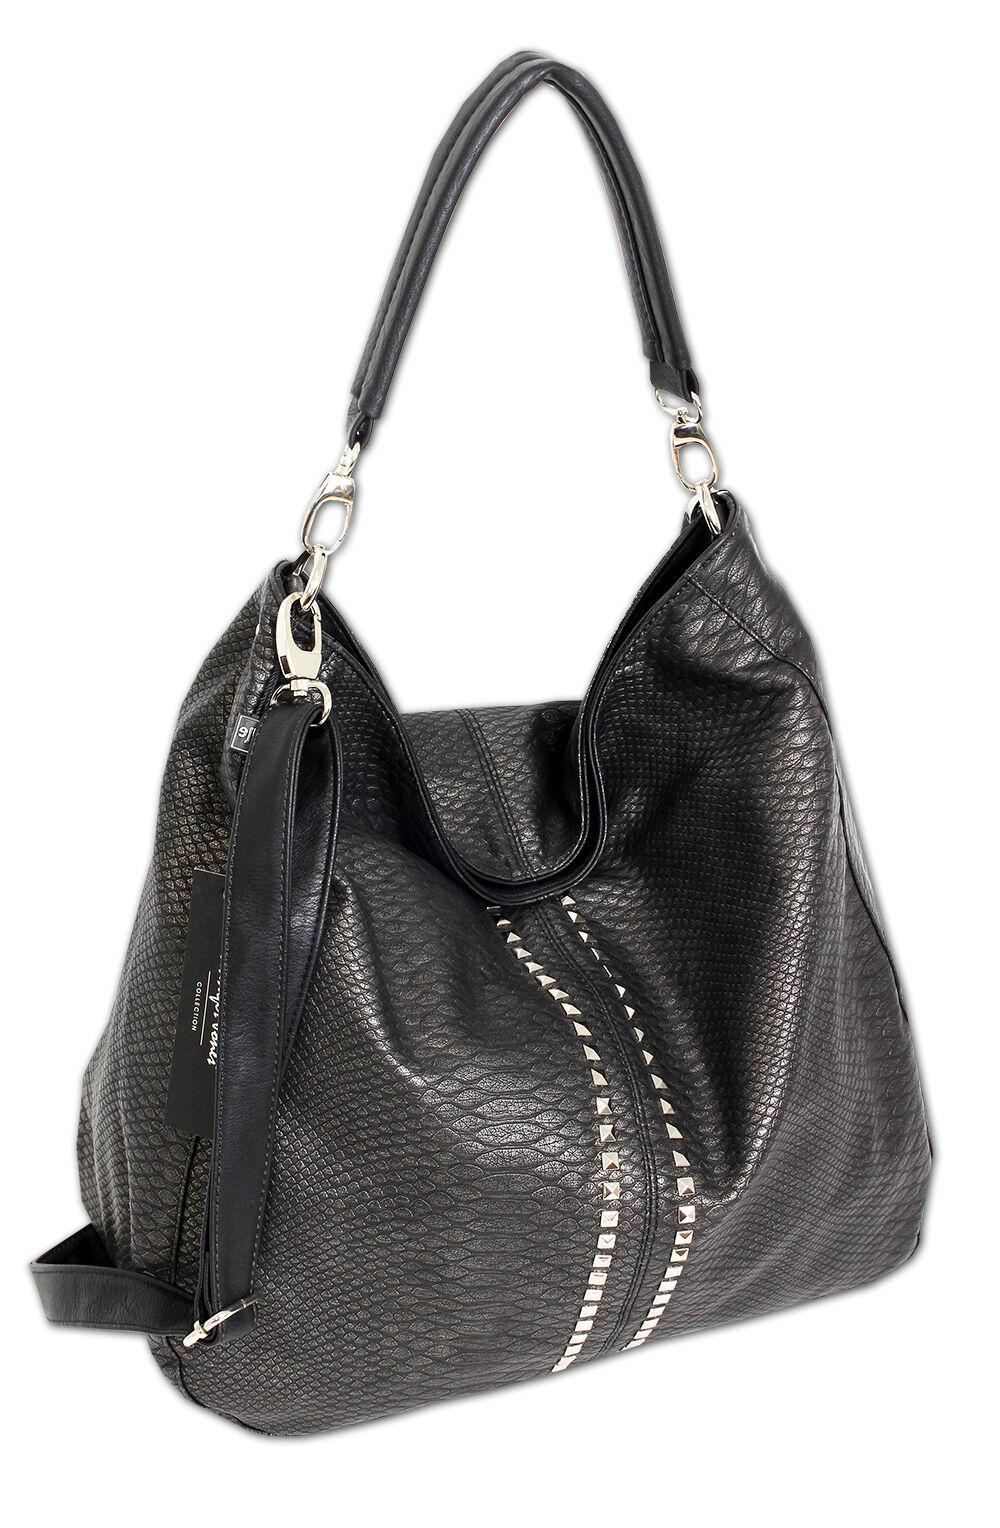 a27d223eb92d1 Tasche Damen Handtasche Schultertasche Umhängetasche Umhängetasche  Umhängetasche groß Hobo Bag für jeden Tag db32a9